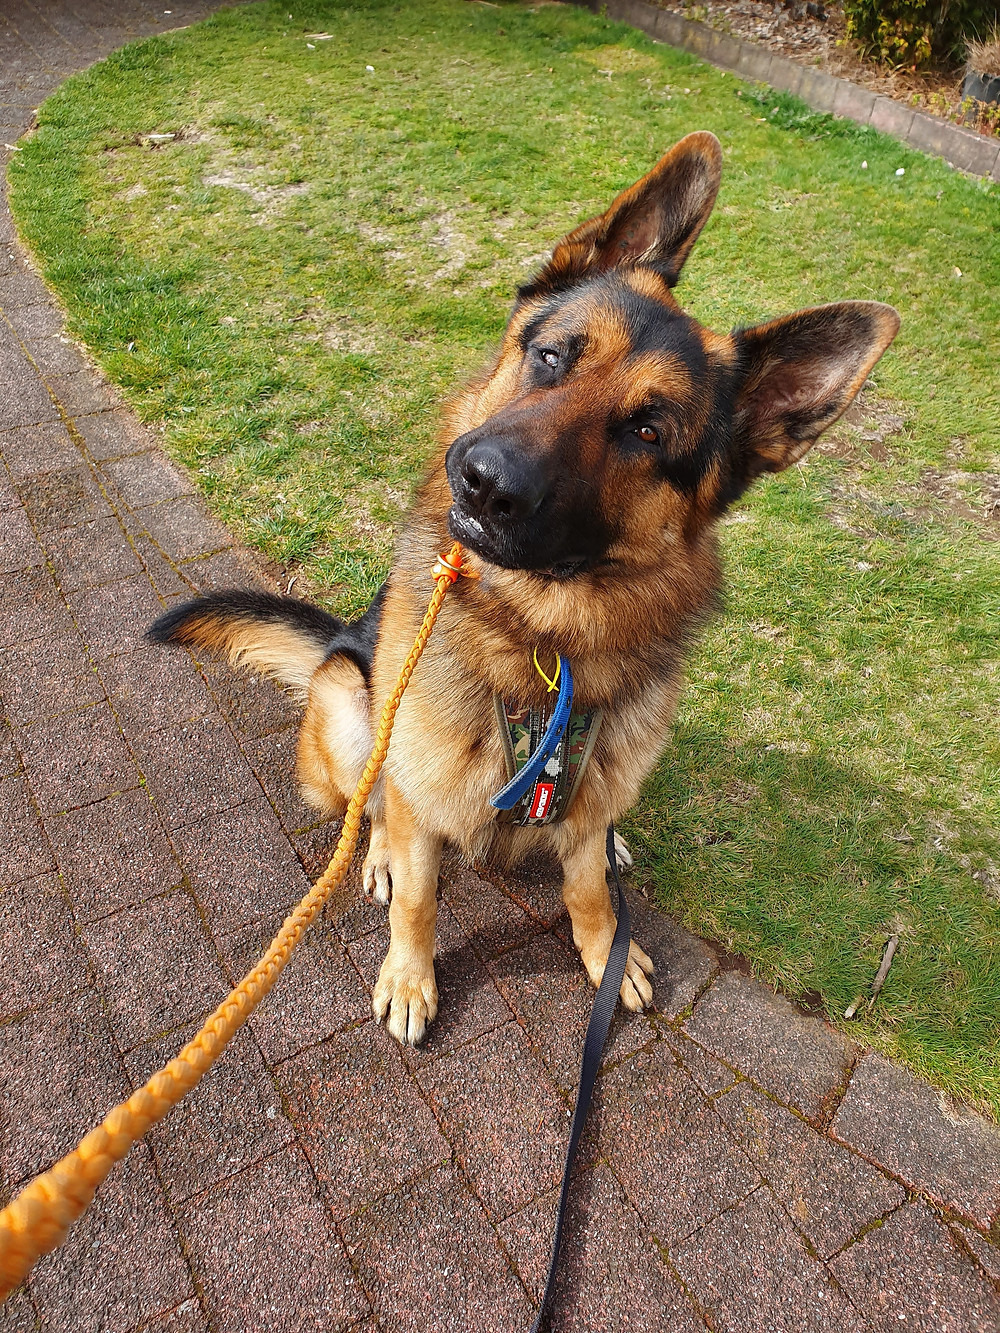 German Shepherd dog tilting head confused